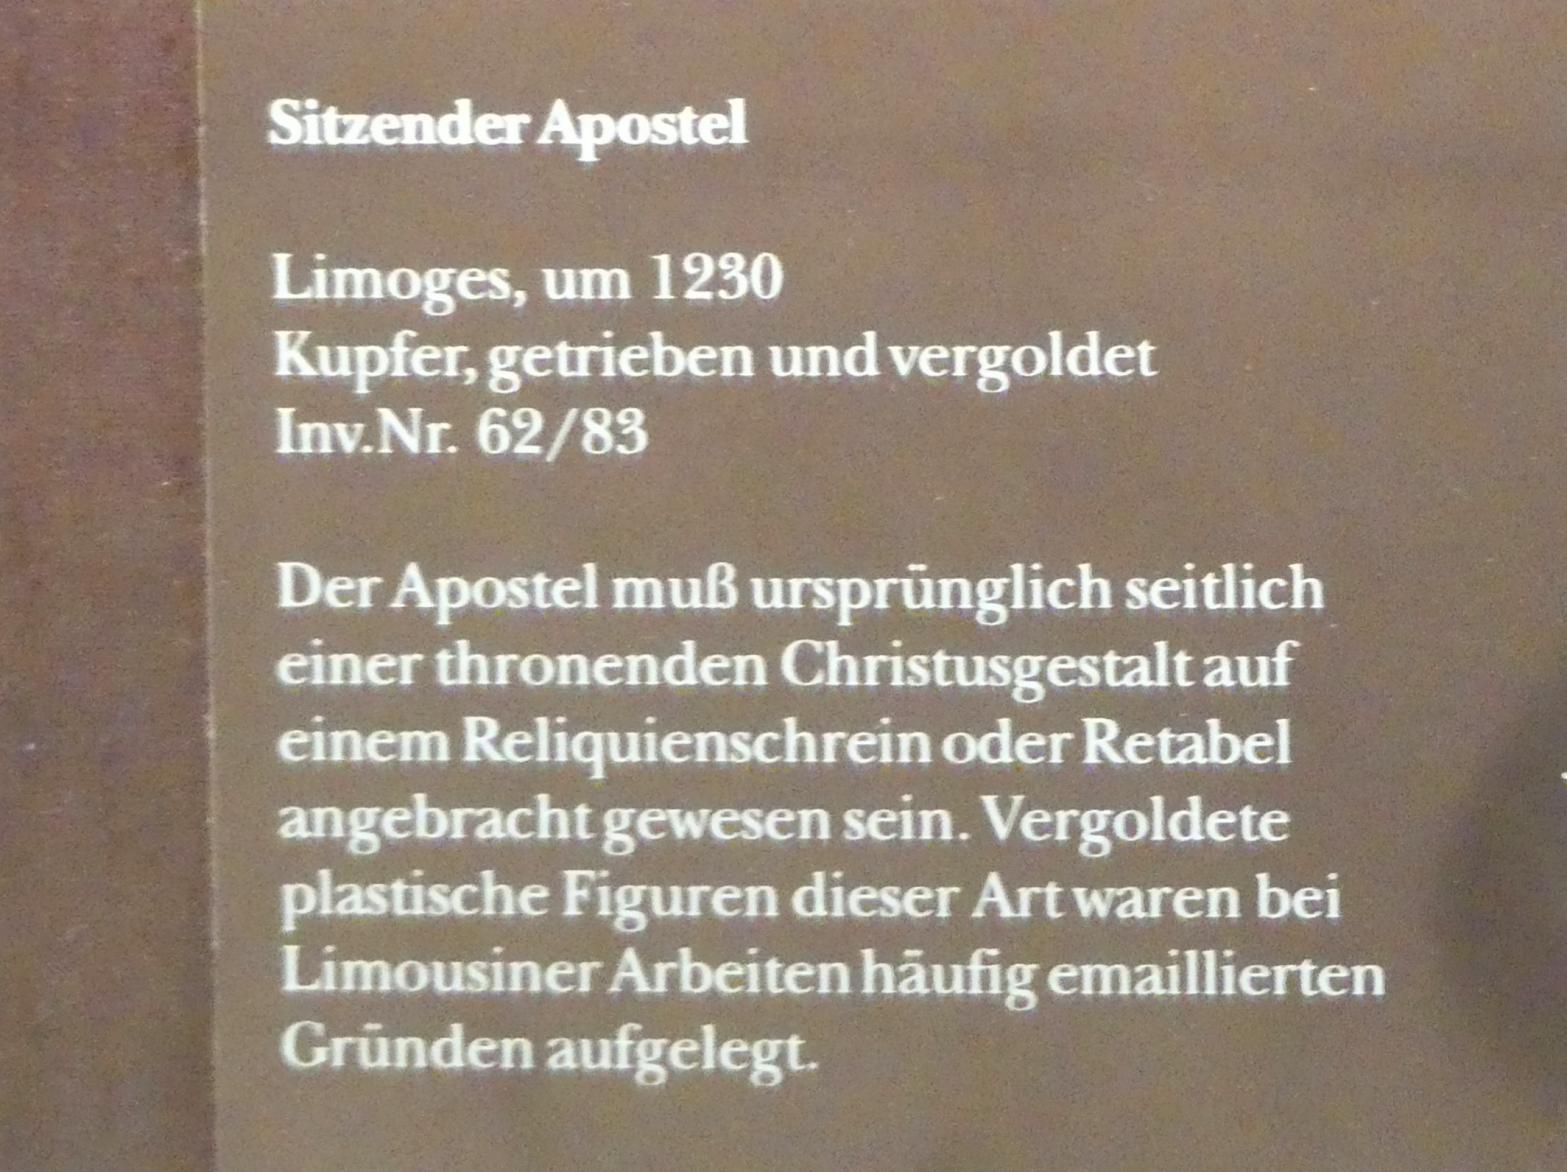 Sitzender Apostel, um 1230, Bild 2/2